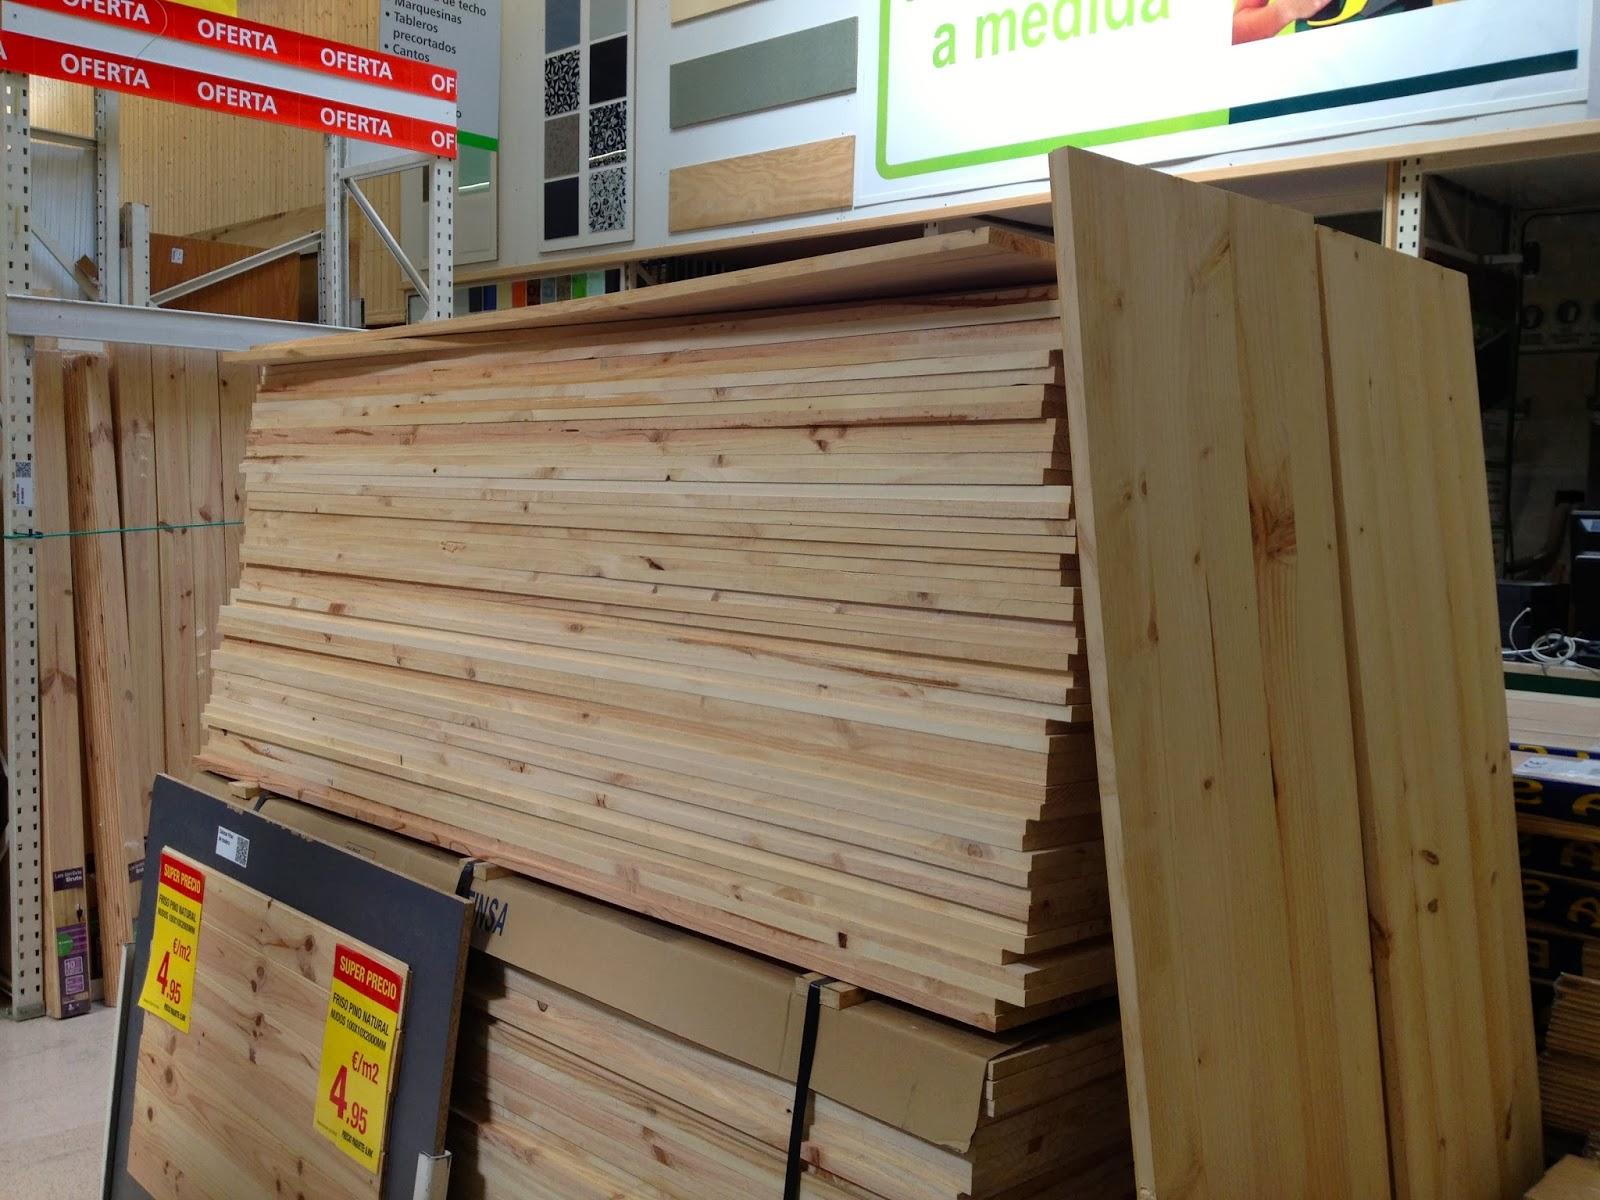 El nido del xuan construyendo cajas nido p ridos - Corte tableros a medida leroy merlin ...